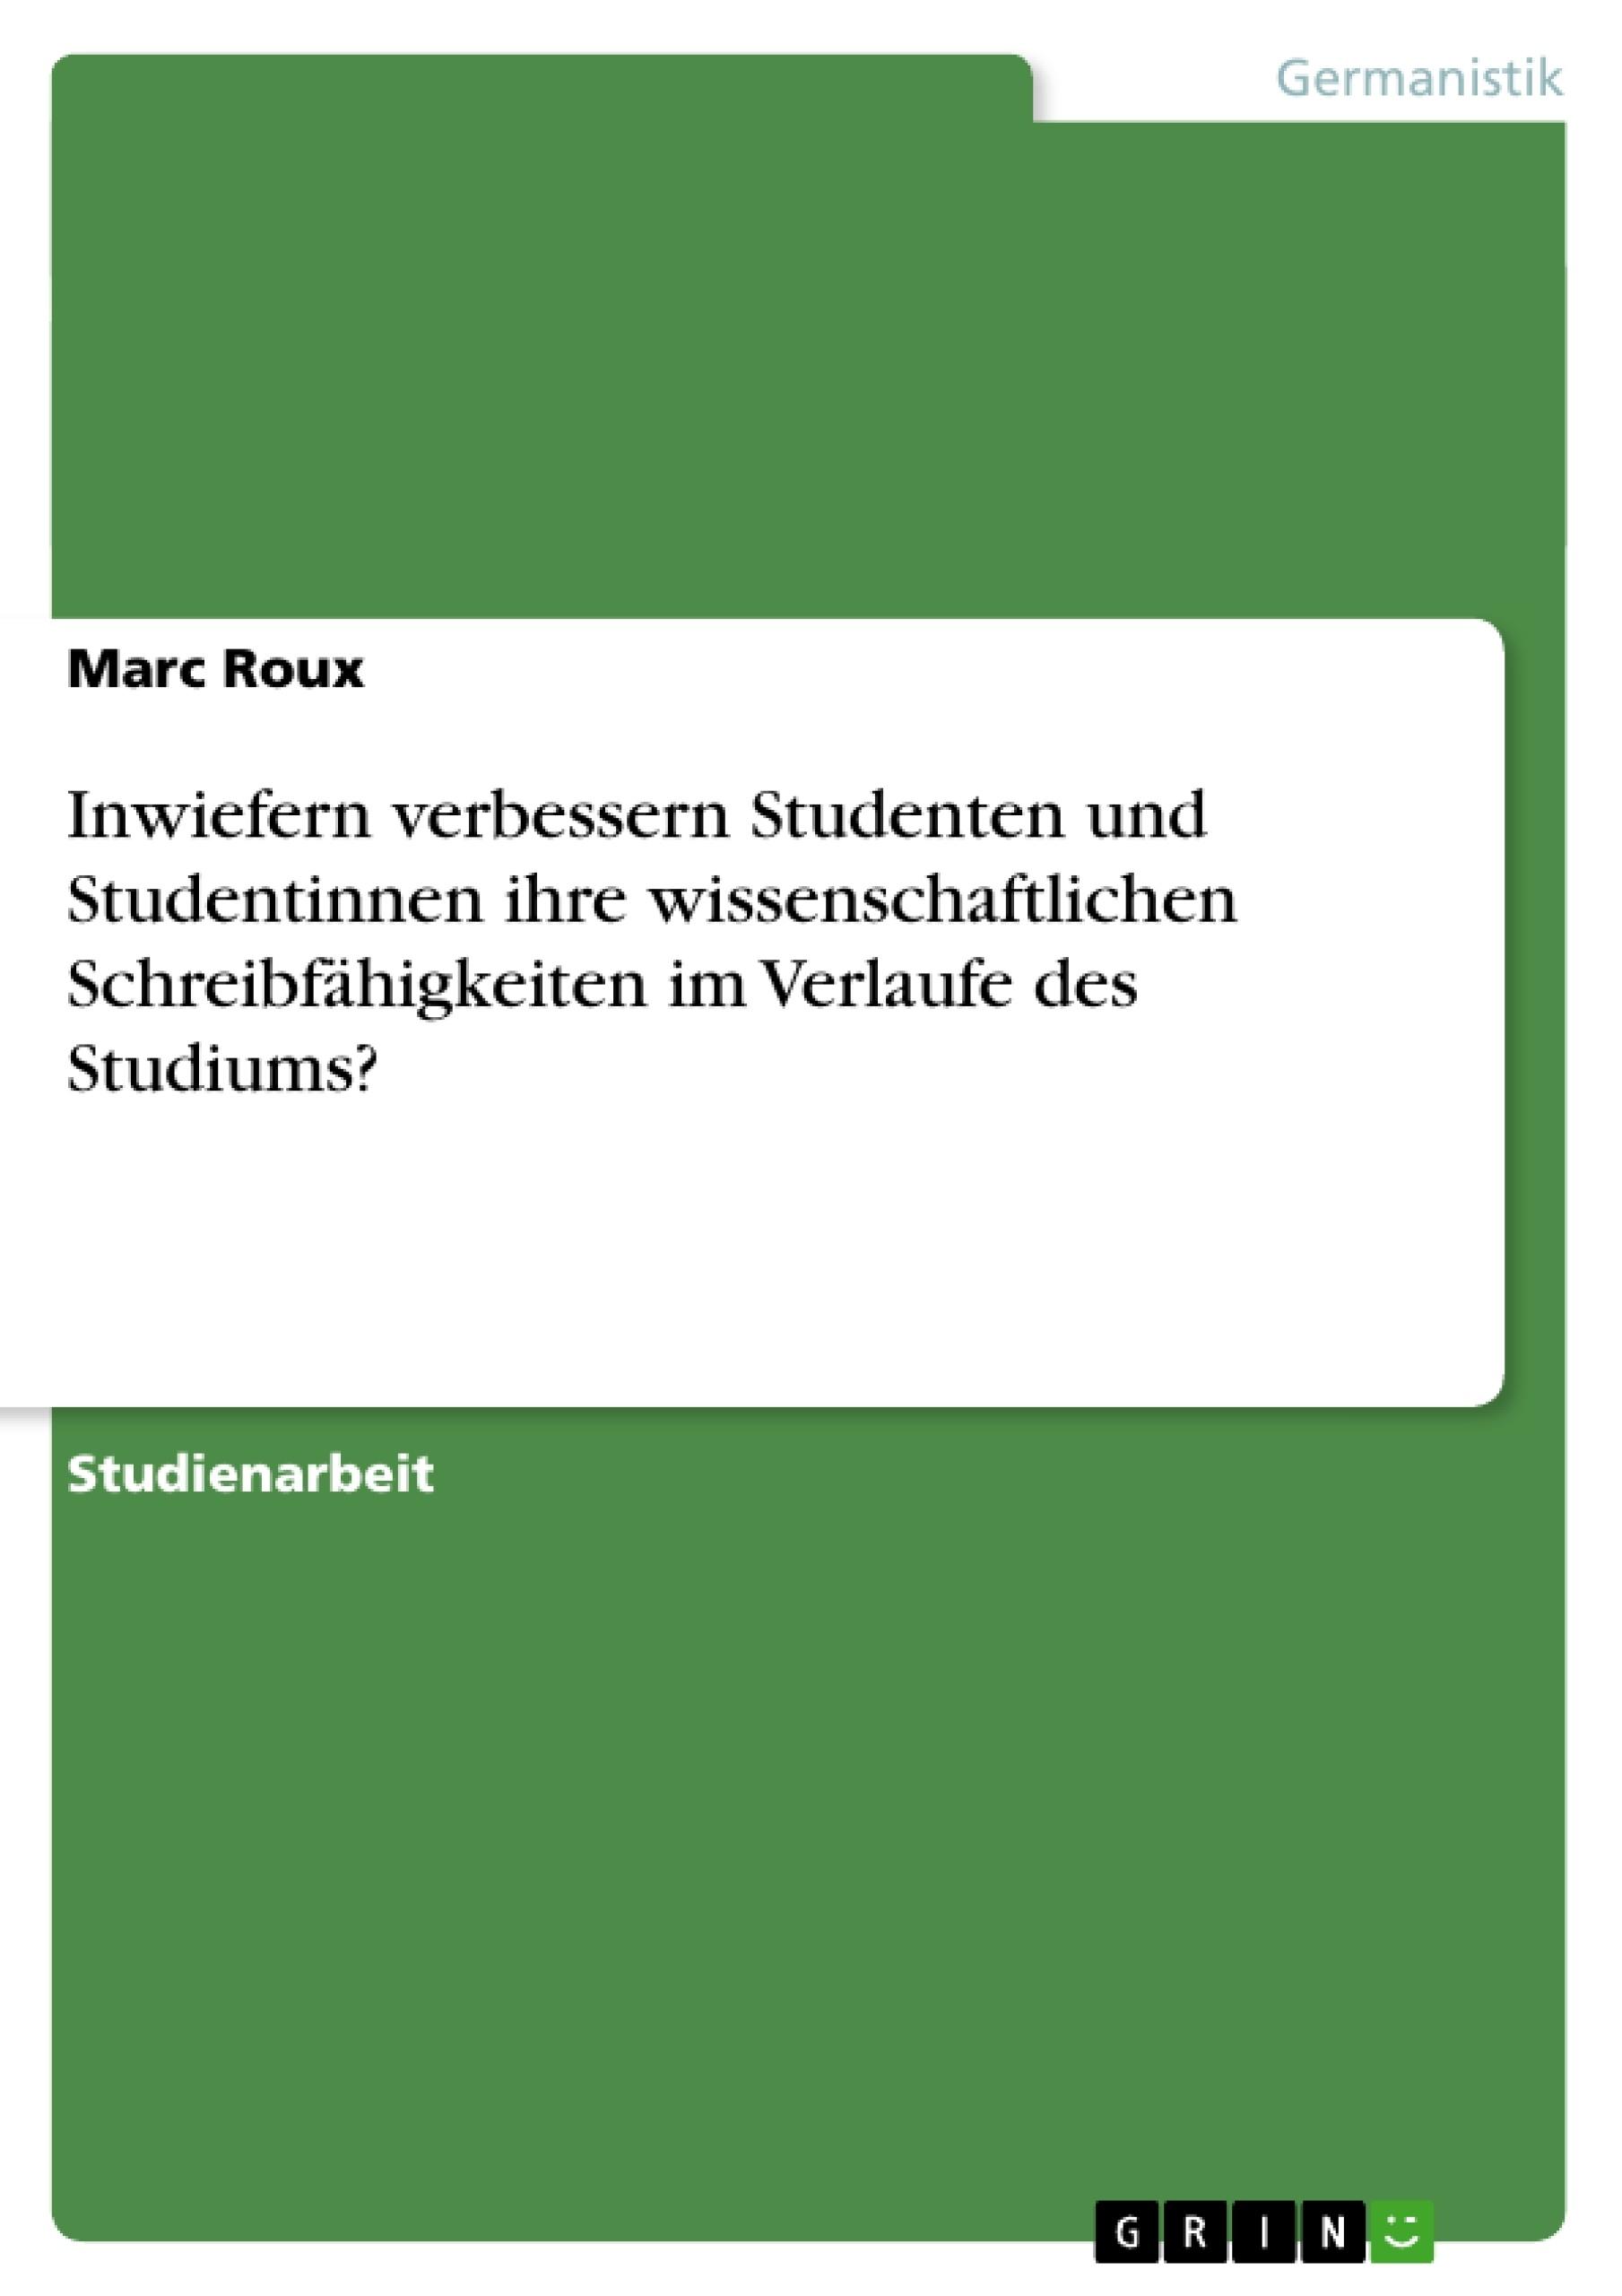 Titel: Inwiefern verbessern Studenten und Studentinnen ihre wissenschaftlichen Schreibfähigkeiten im Verlaufe des Studiums?